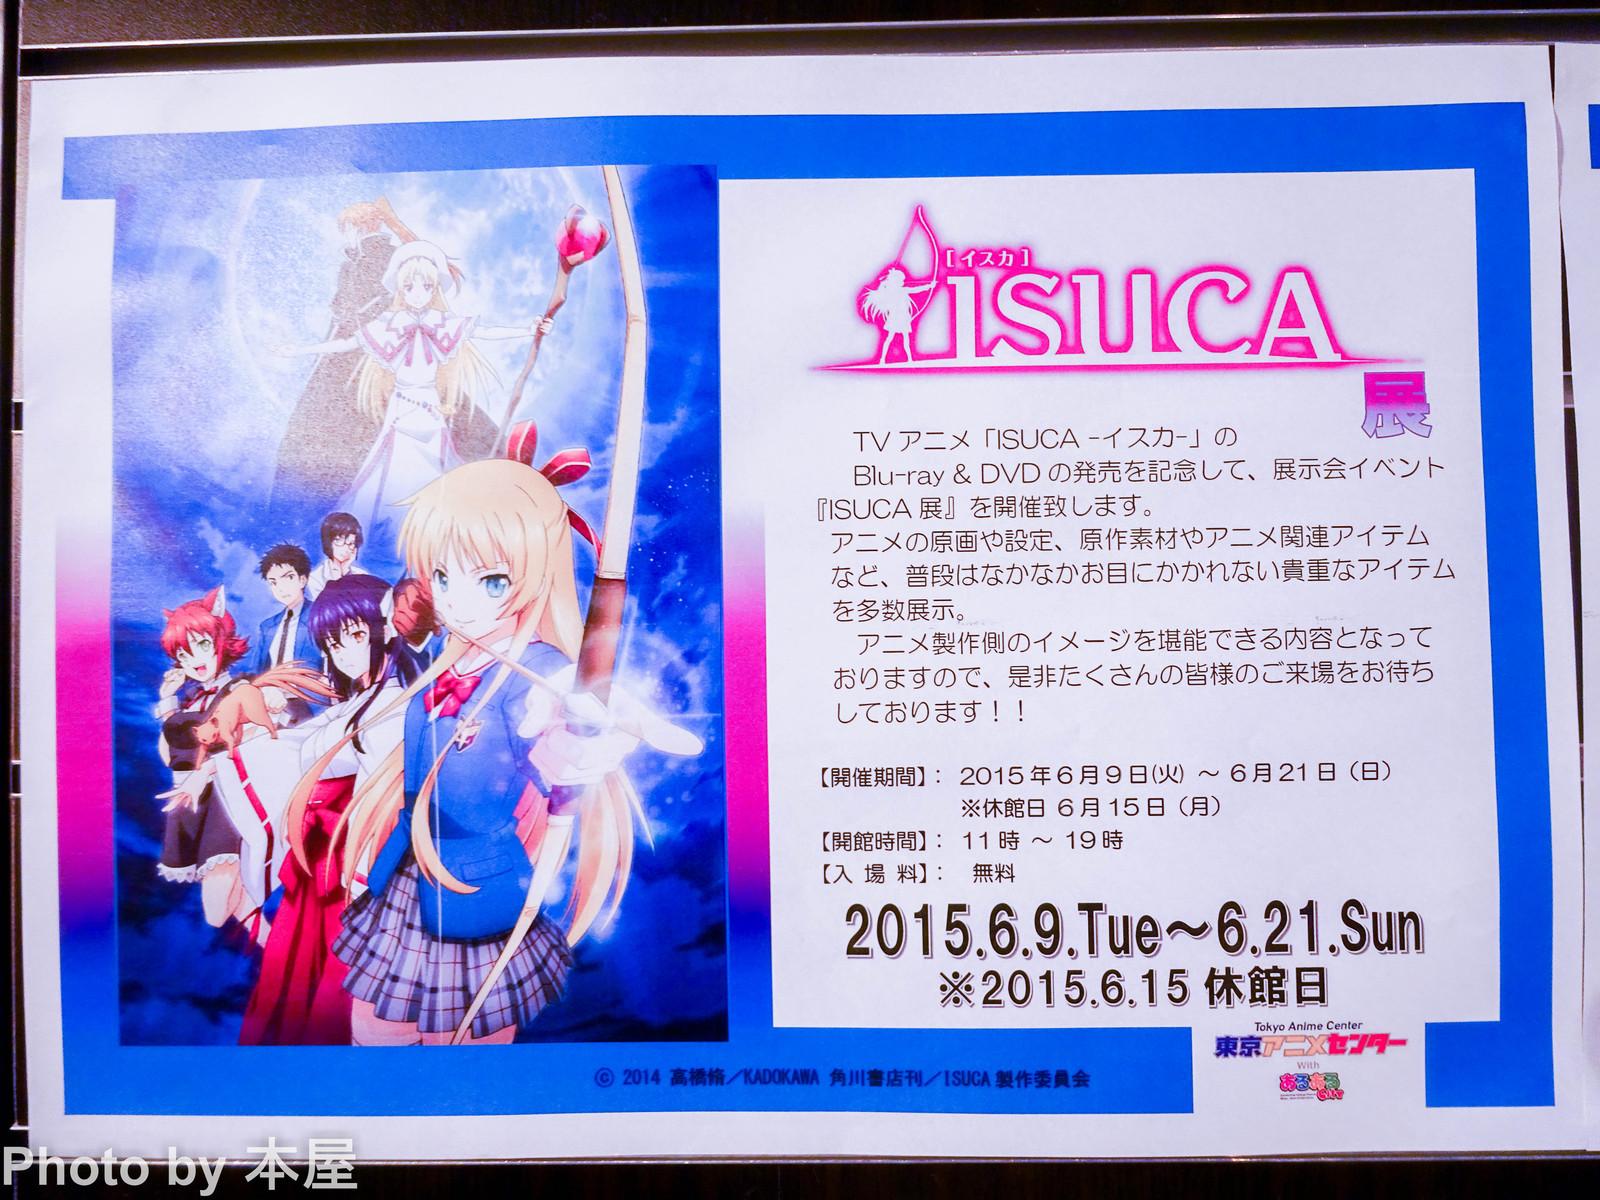 도쿄 애니메이션 센터에서 개최중인 'ISUCA' 전시..